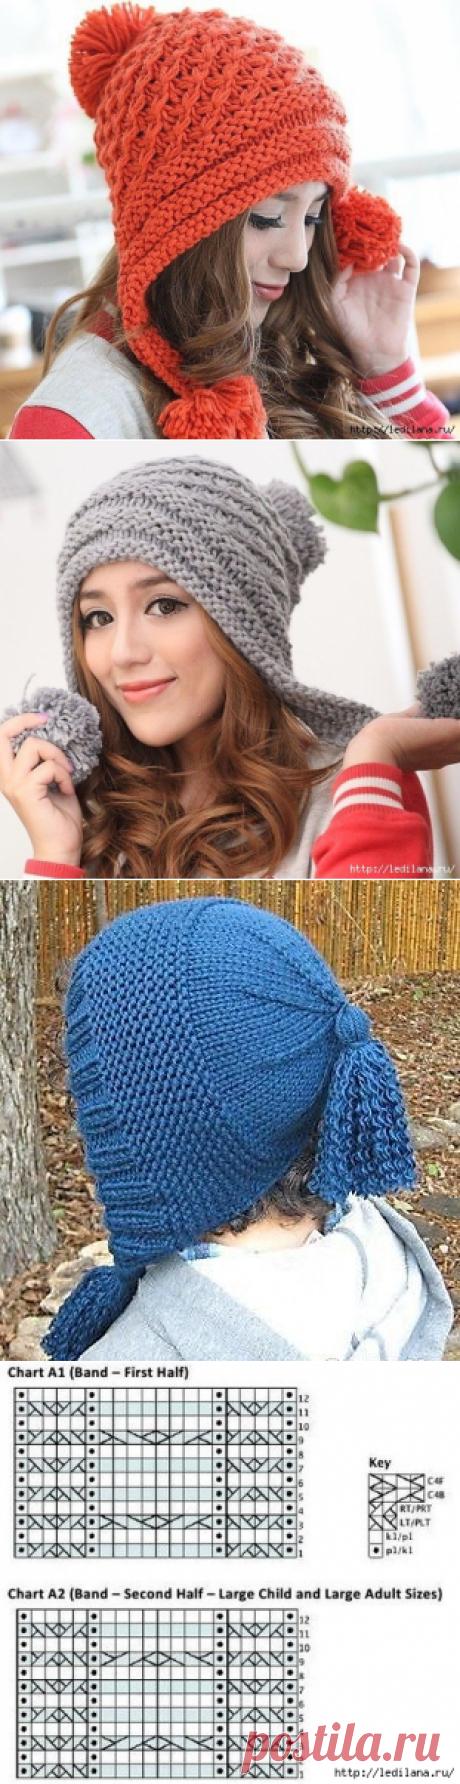 Интересная шапка спицами